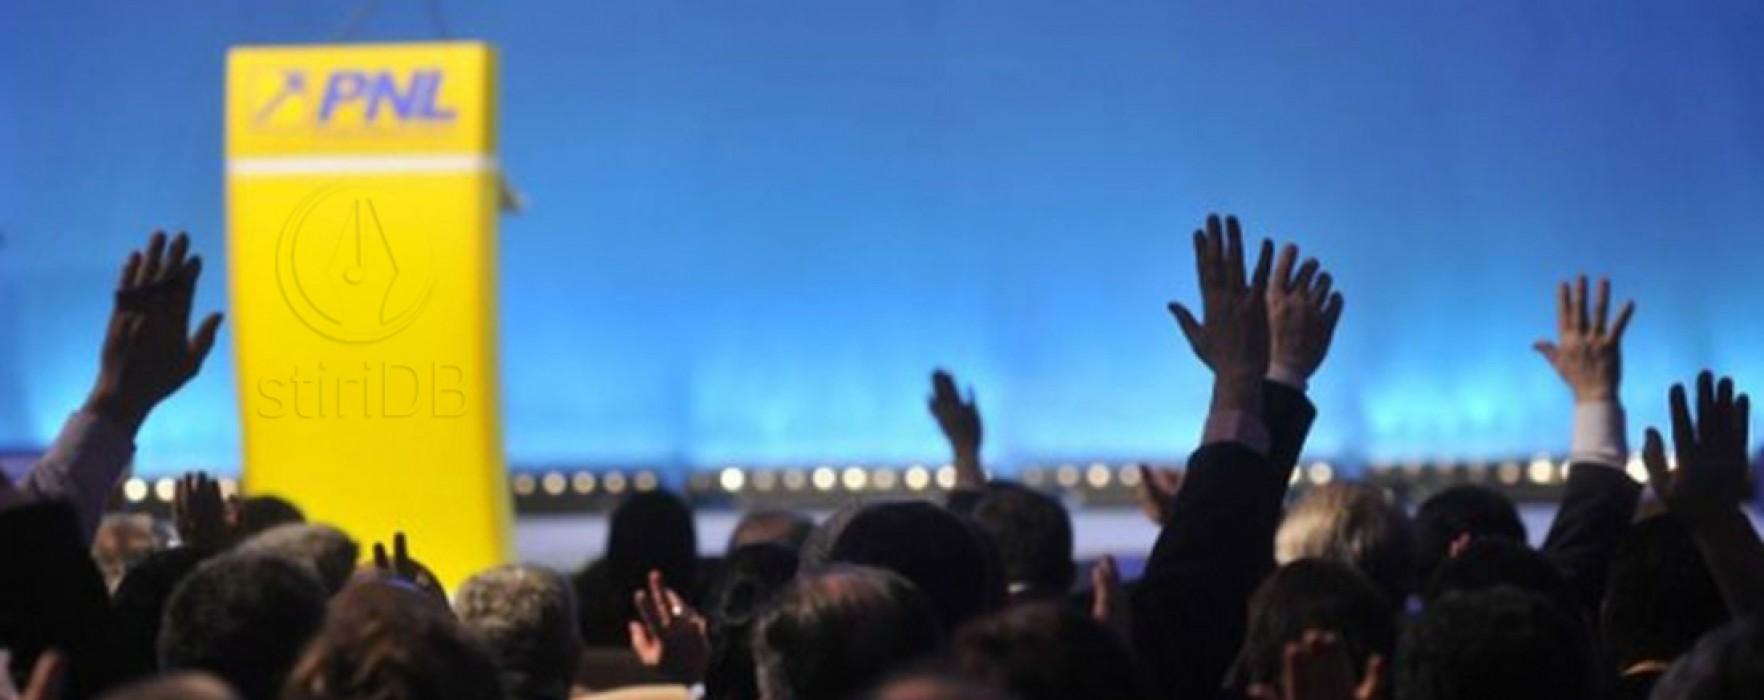 Cezar Preda (PNL) cere unificarea dreptei într-o platformă care să îl susţină pe Iohannis